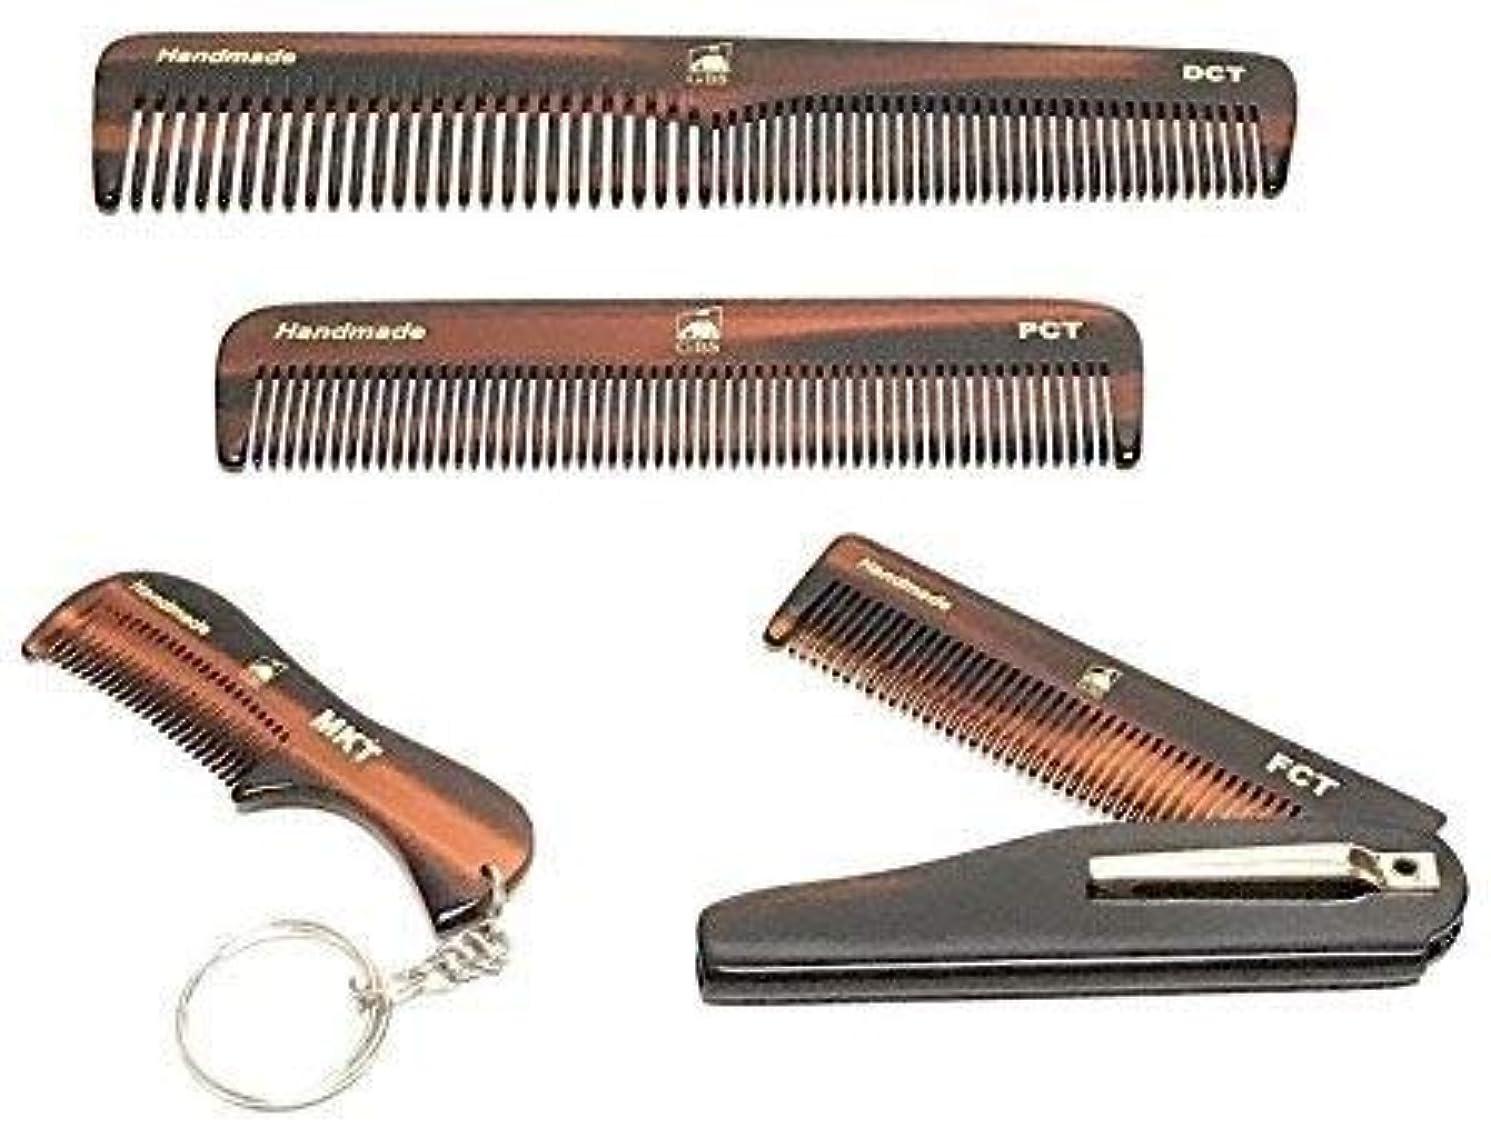 チャネルオープニング快適GBS Handmade Styling Anti-Static No Snag Saw-cut Teeth Grooming Hair and Beard Comb Set - For Mens Care - Dressing...